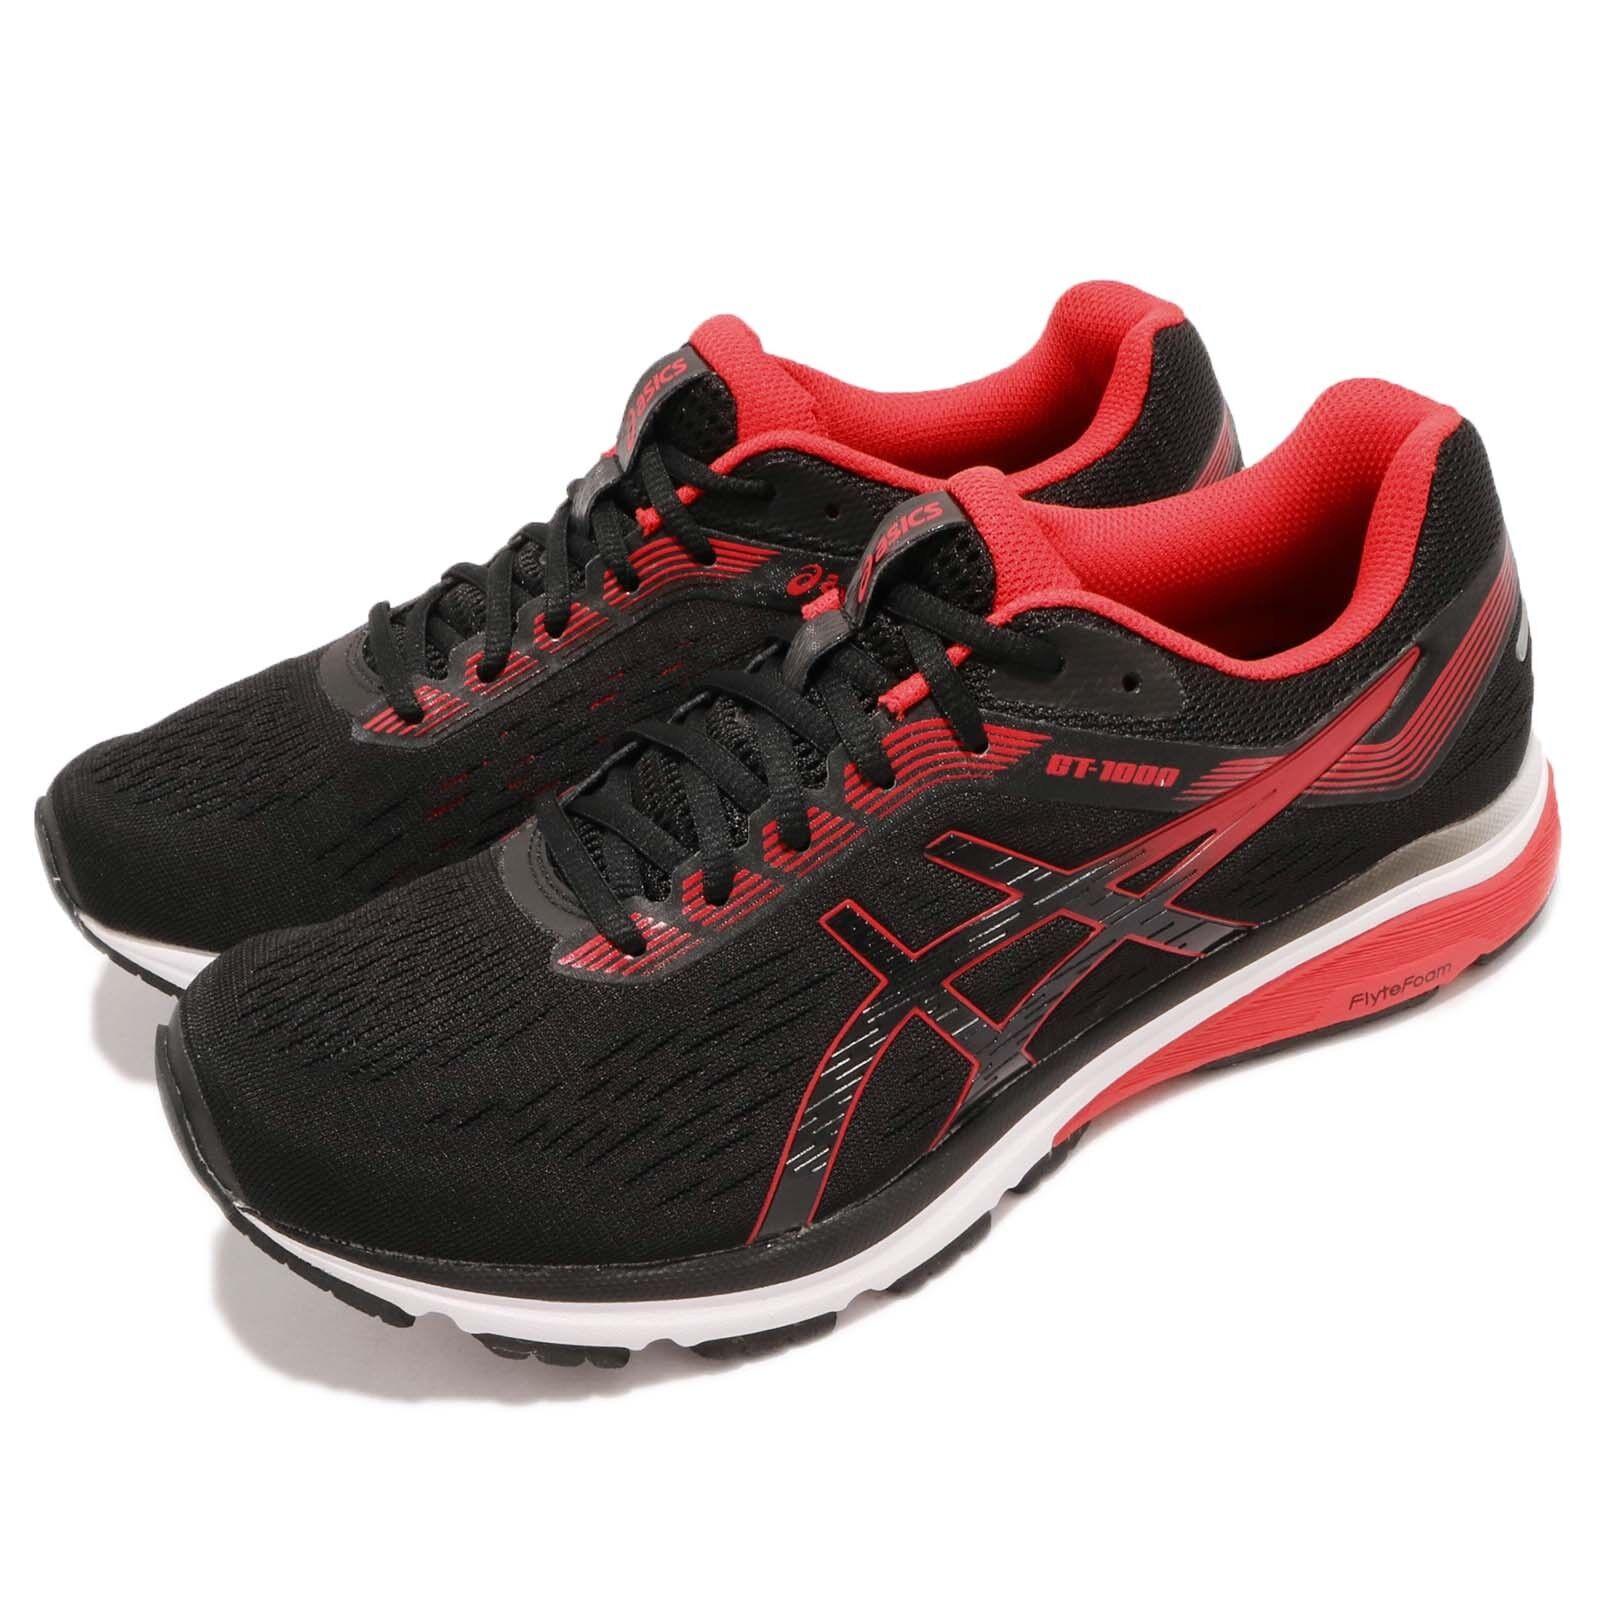 Asics GT-1000 7 Negro Rojo blancoo Hombres Correr Entrenamiento Calzado Tenis 1011A042-002